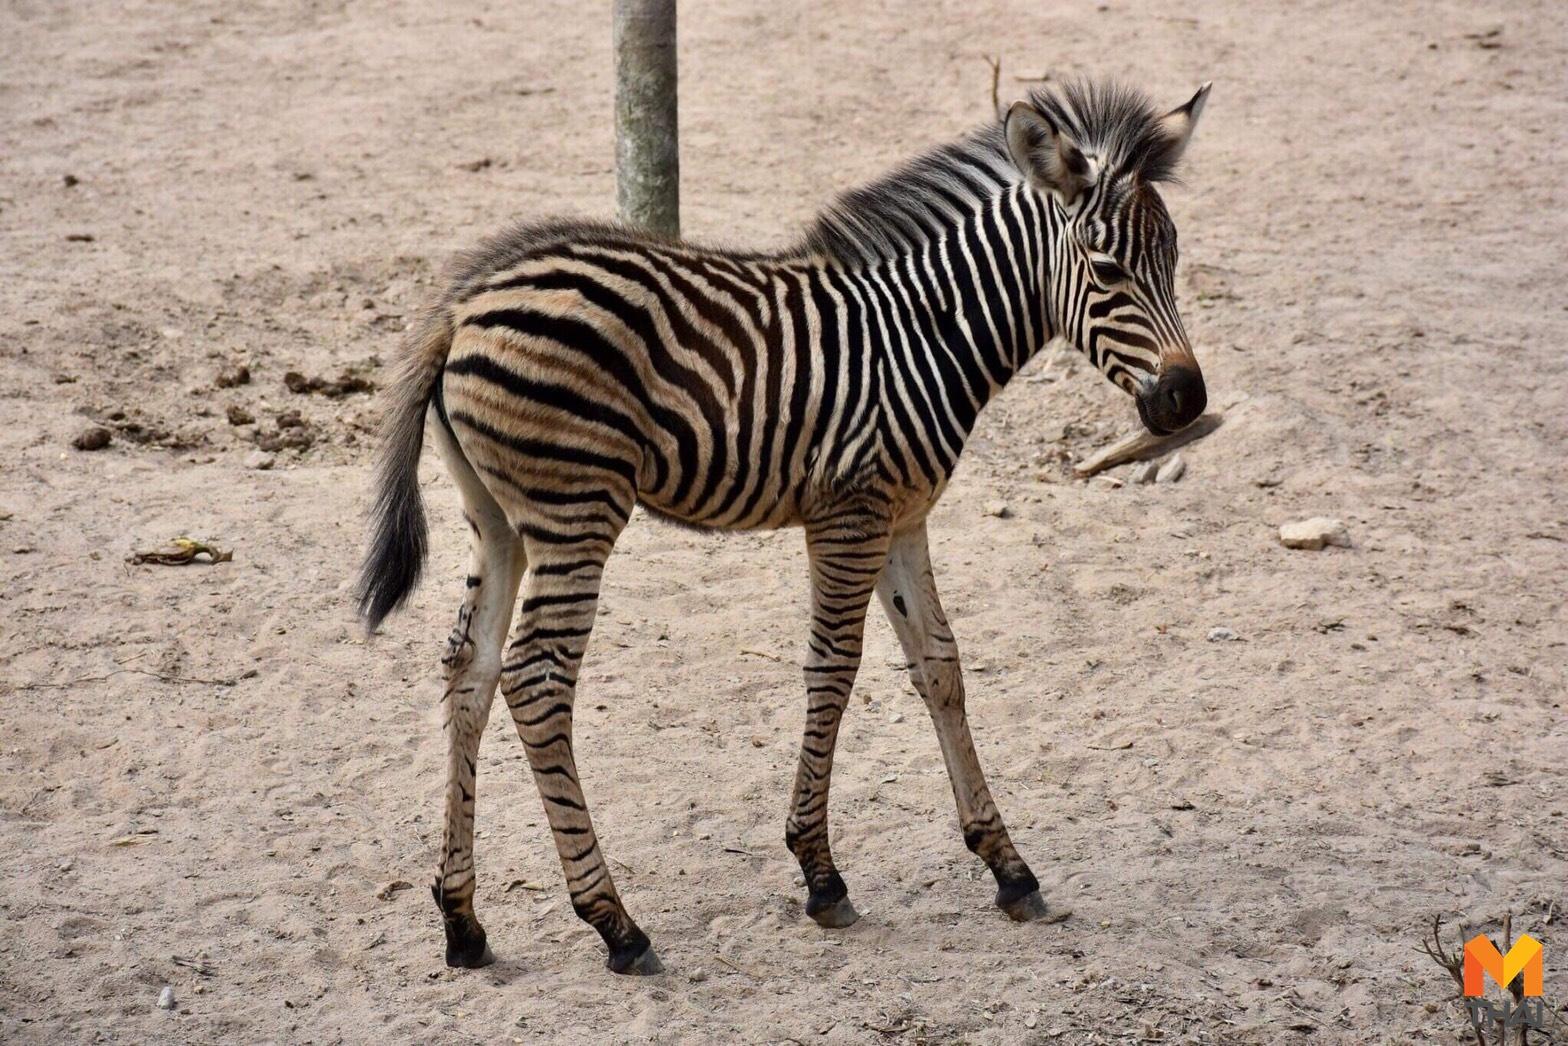 ข่าวภูมิภาค ม้าลาย สวนสัตว์ สวนสัตว์เปิดเขาเขียว เขาดิน